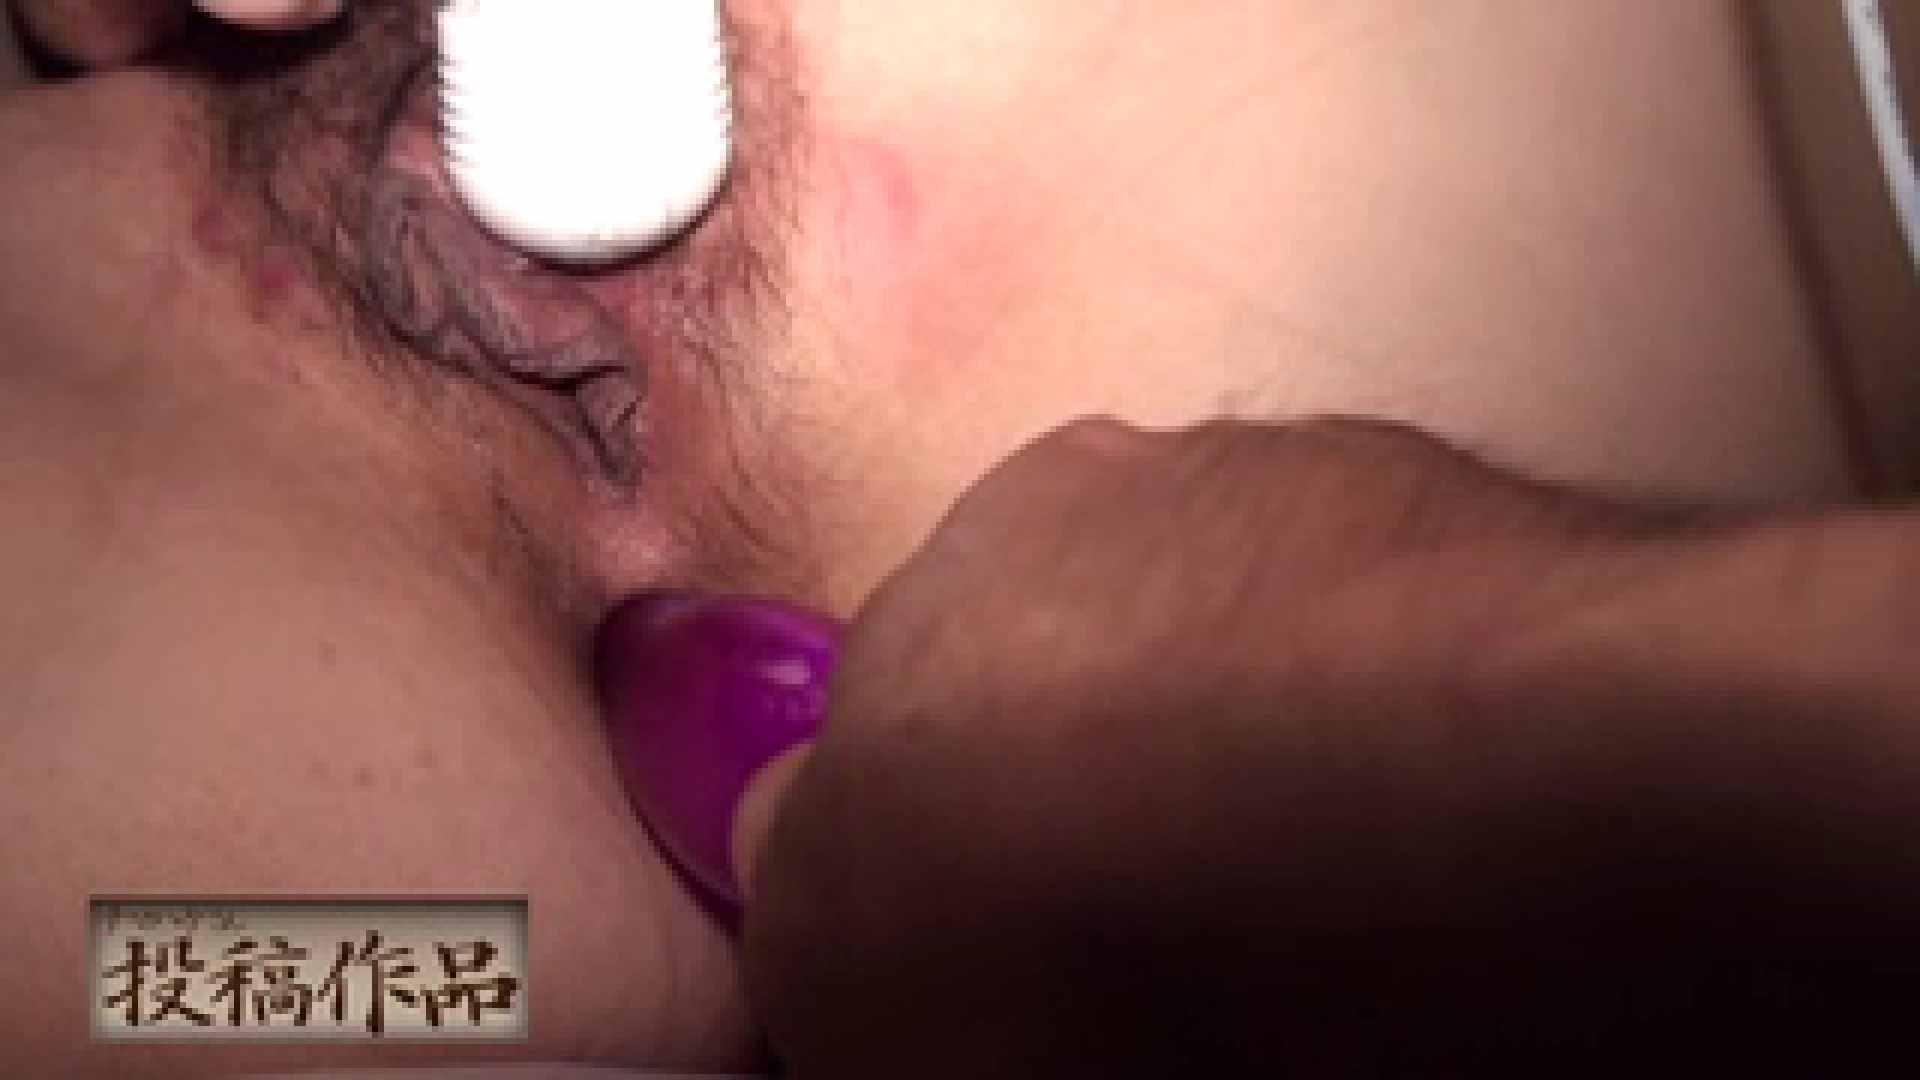 ナマハゲさんのまんこコレクション mai 覗き   ビッチなギャル  91pic 57